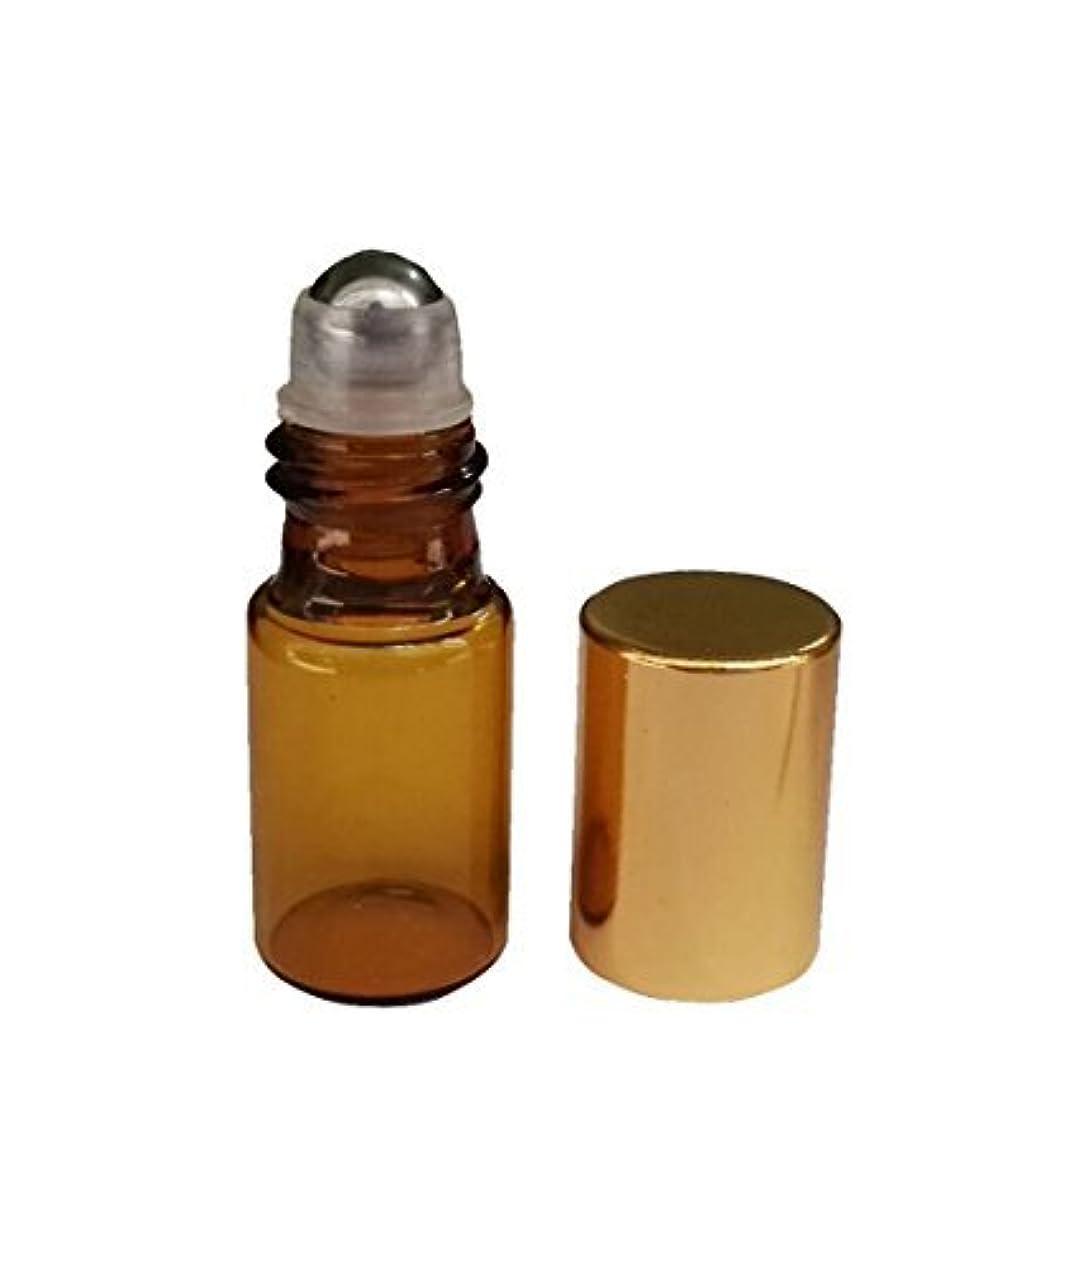 ラビリンスユーザー書店HugeStore 15 Pcs 5ml Refillable Amber Glass Rollerball Bottles Empty Essential Oil Glass Roller Bottles for Aromatherapy...